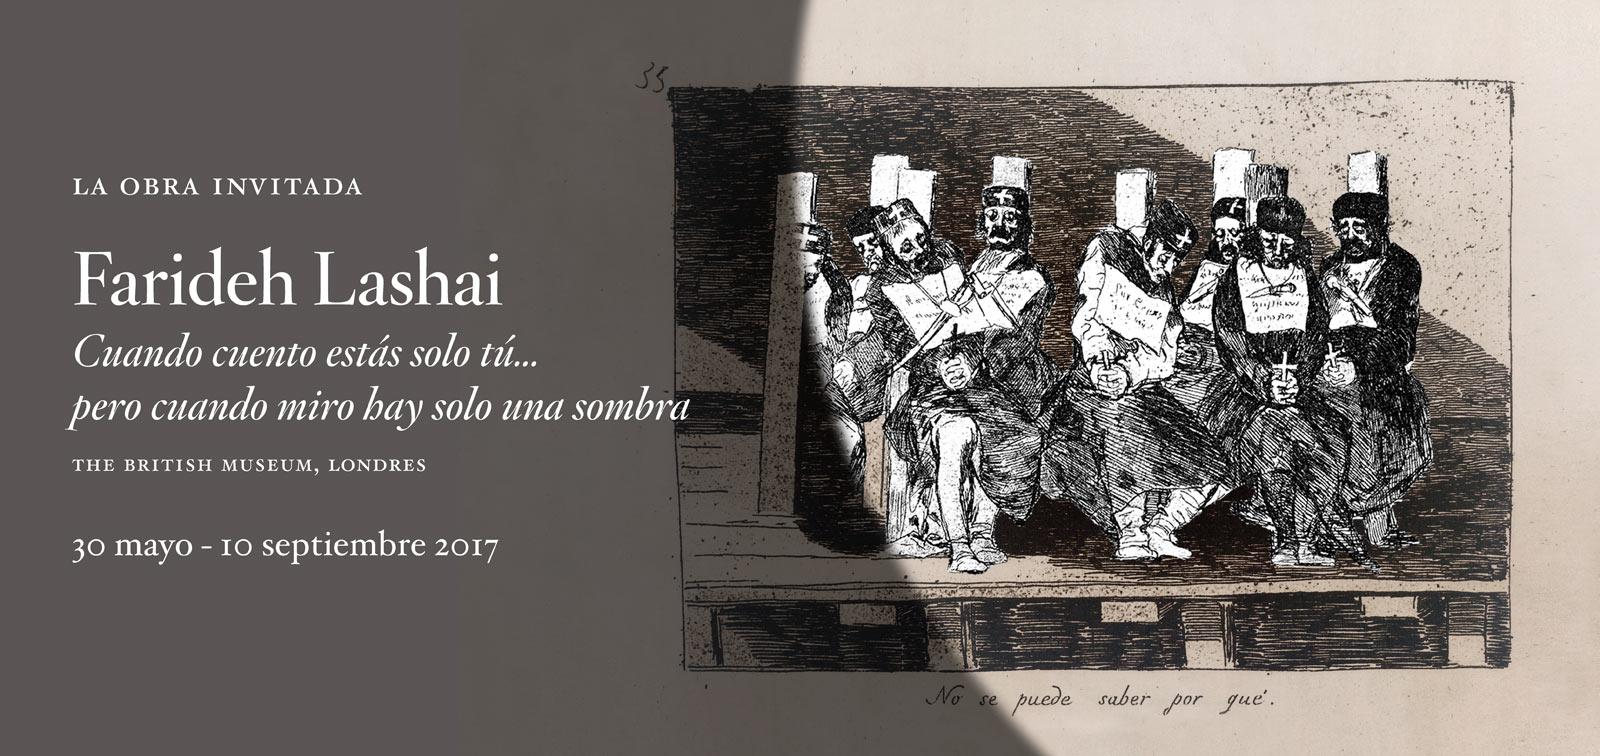 La obra invitada. Farideh Lashai. Cuando cuento estás solo tú… pero cuando miro hay solo una sombra